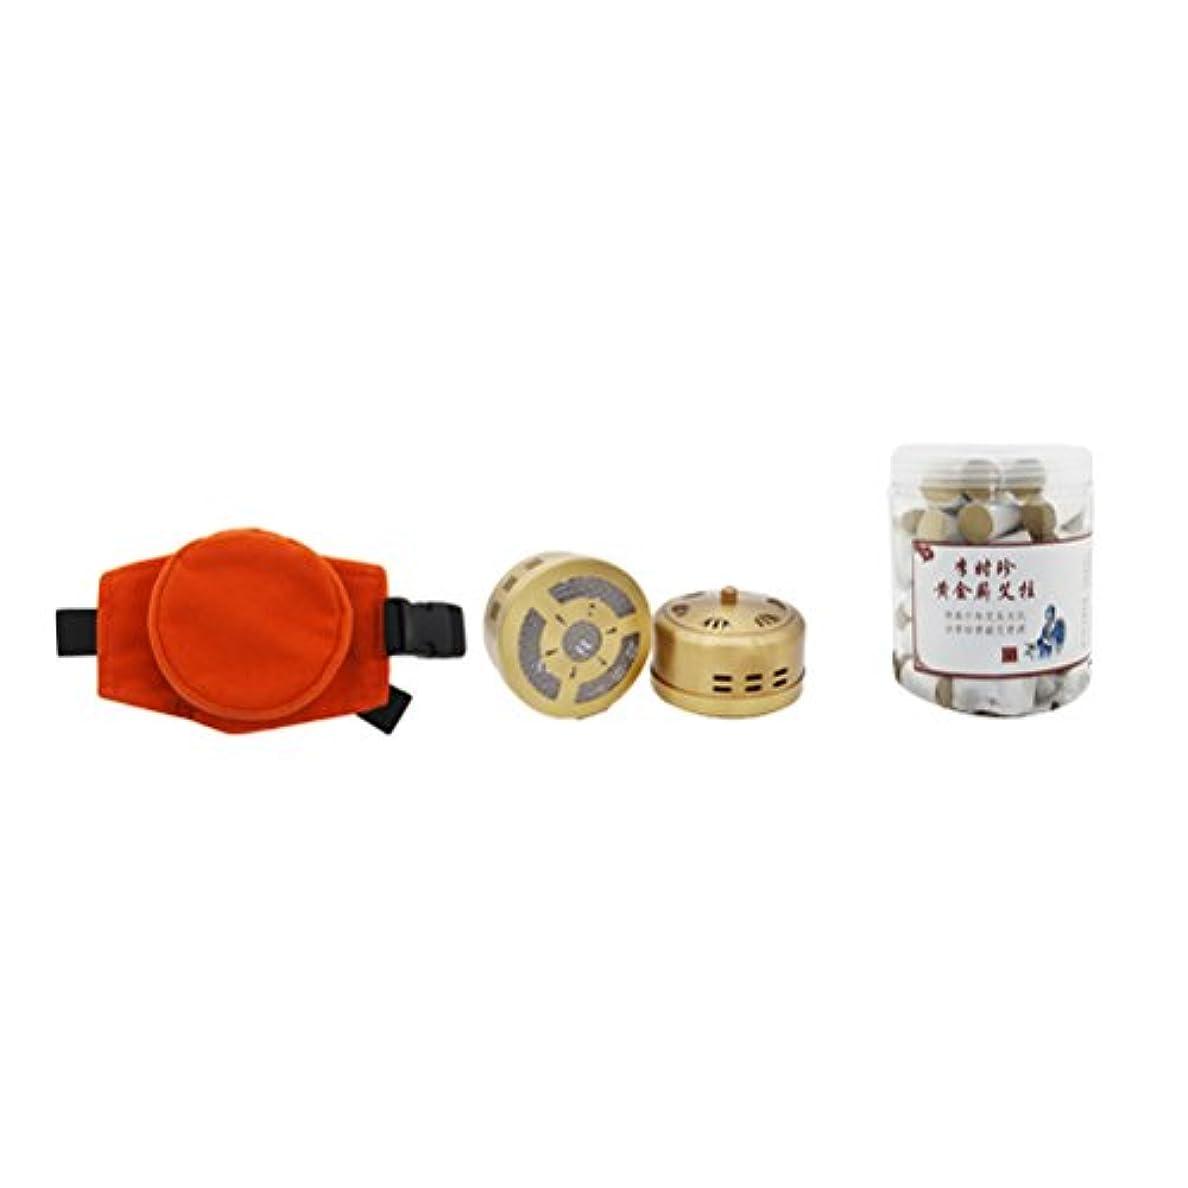 ラボ降ろす耐えられない灸スティックバーナーボックス無煙Moxa清浄器銅タンク調節可能なポケットと60個の腰部頚部の膝関節炎痛み緩和のための灸棒の灸治療の箱